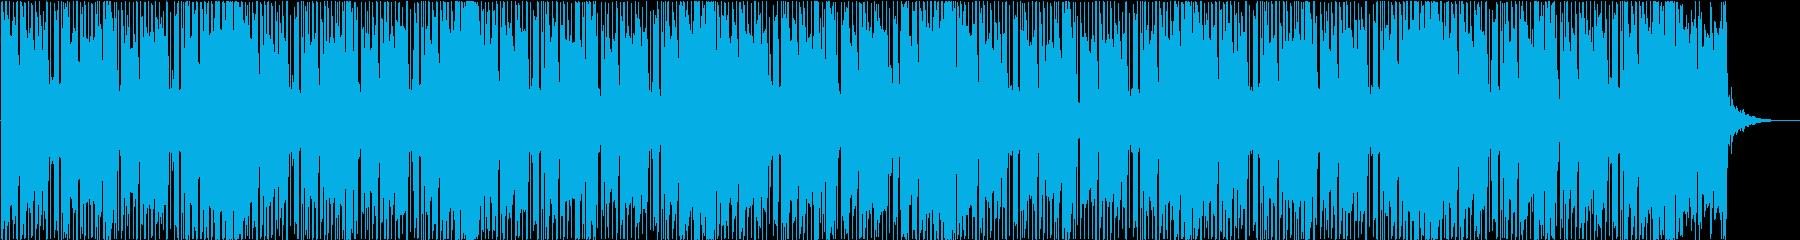 トラップ、ヒップホップ、テクノロジーの再生済みの波形